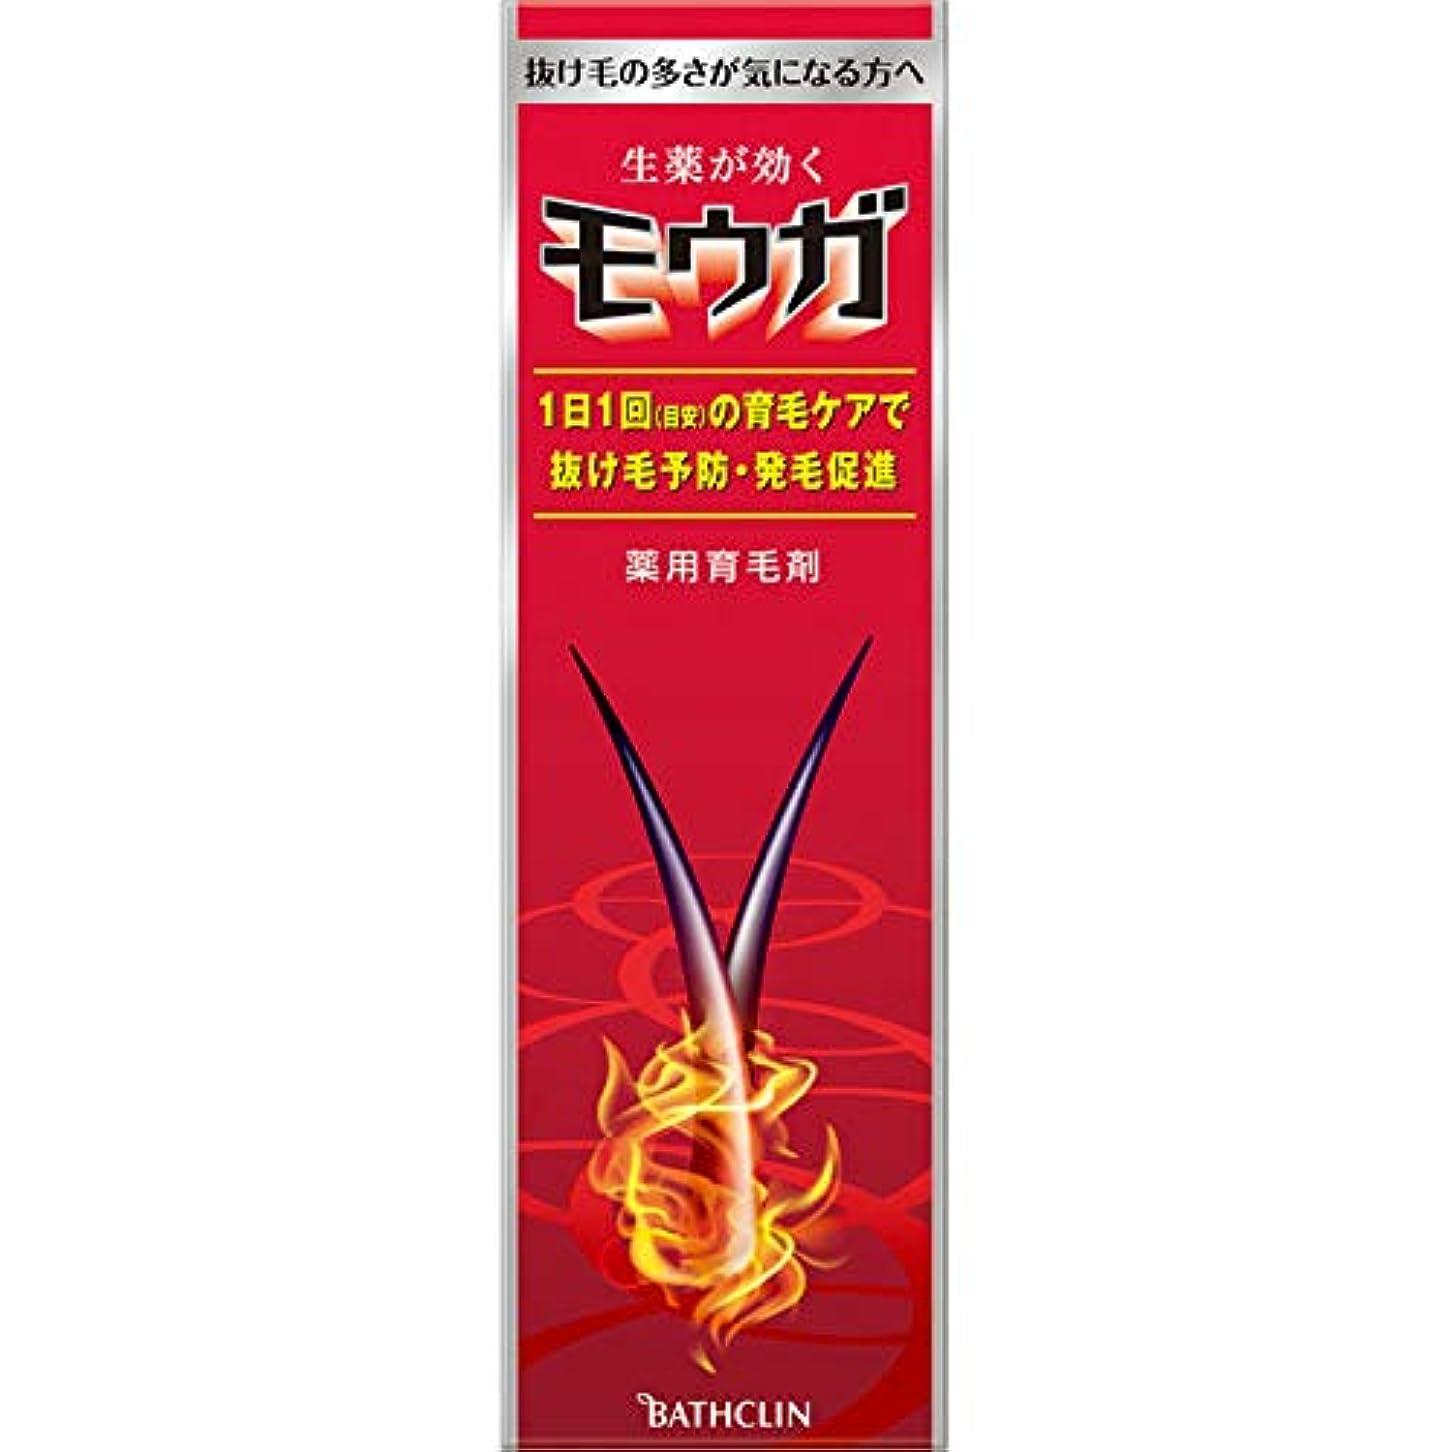 保険をかける隣人美容師バスクリン モウガ 薬用育毛剤 120ml (医薬部外品)